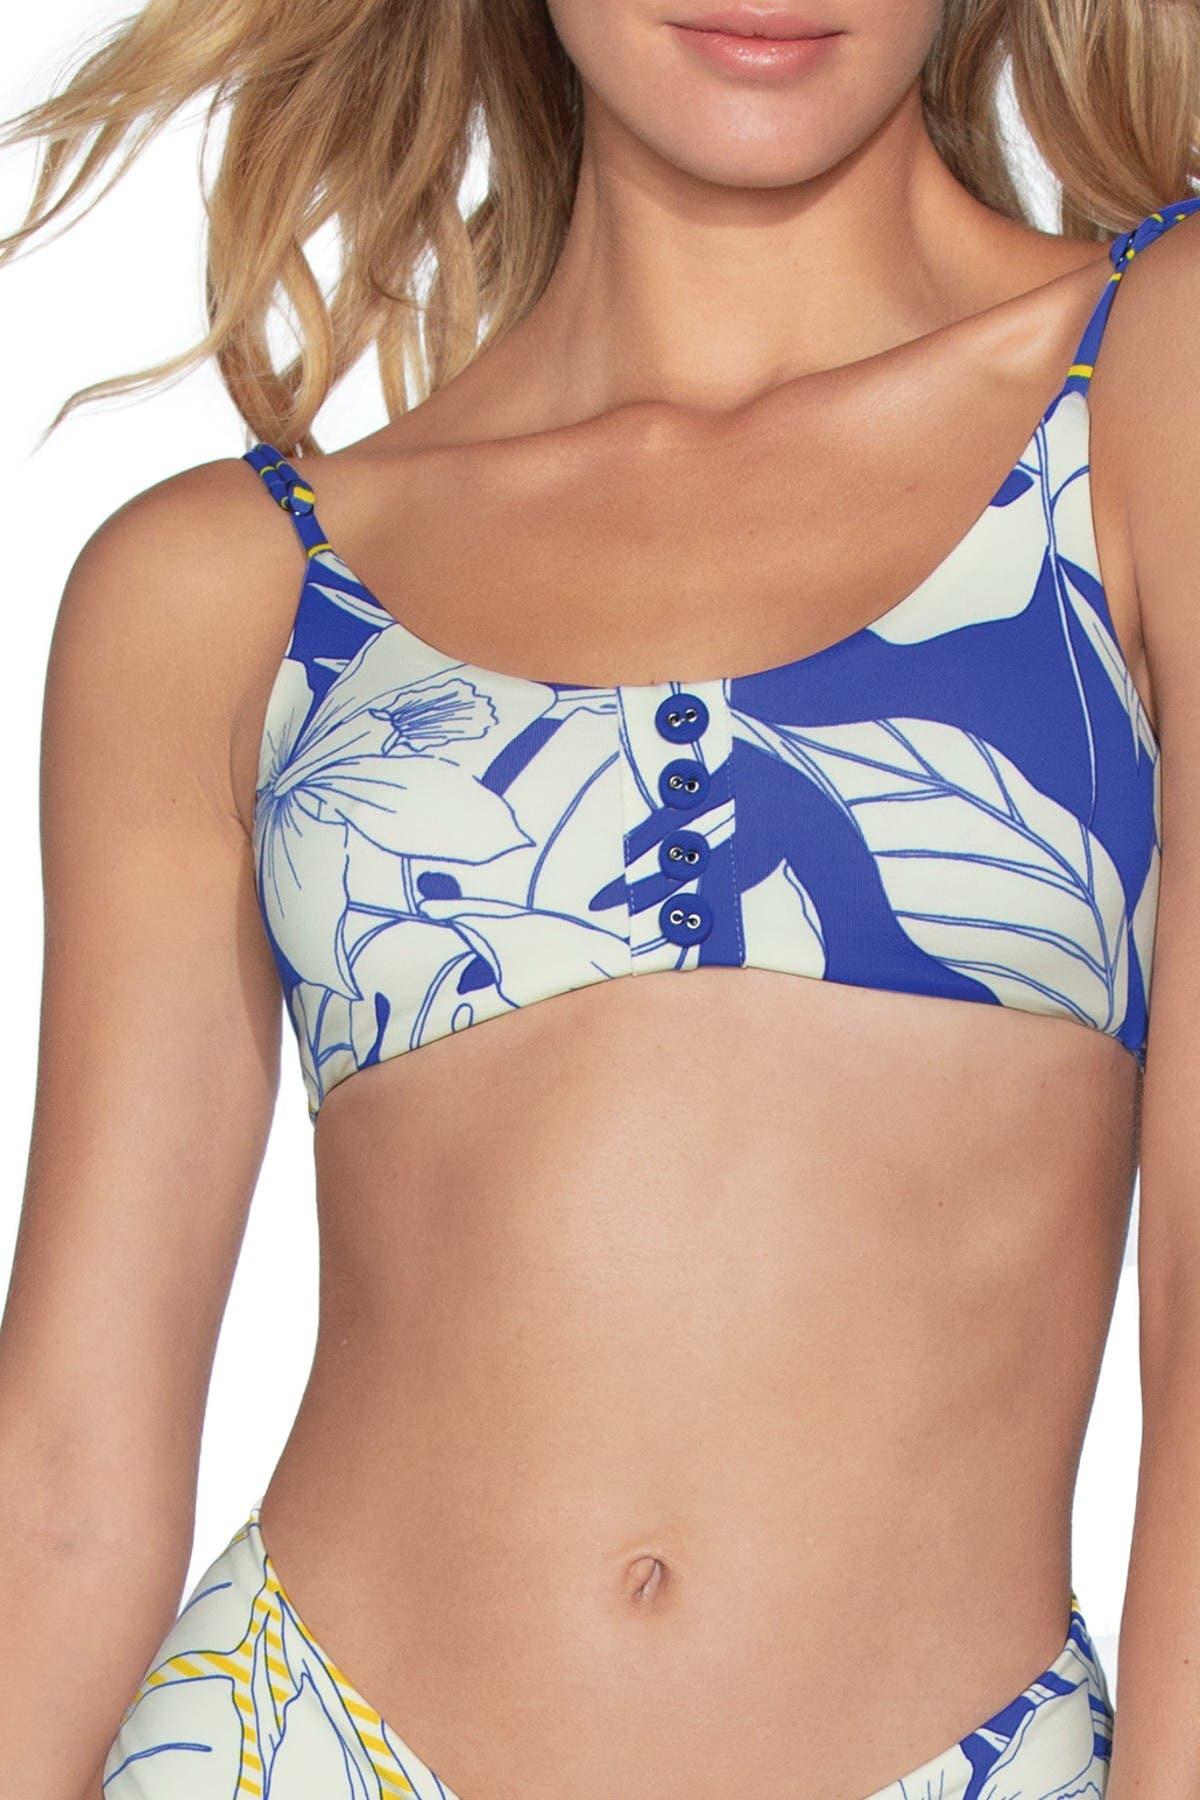 Image of Maaji Vacation Lodge Bralette Bikini Top